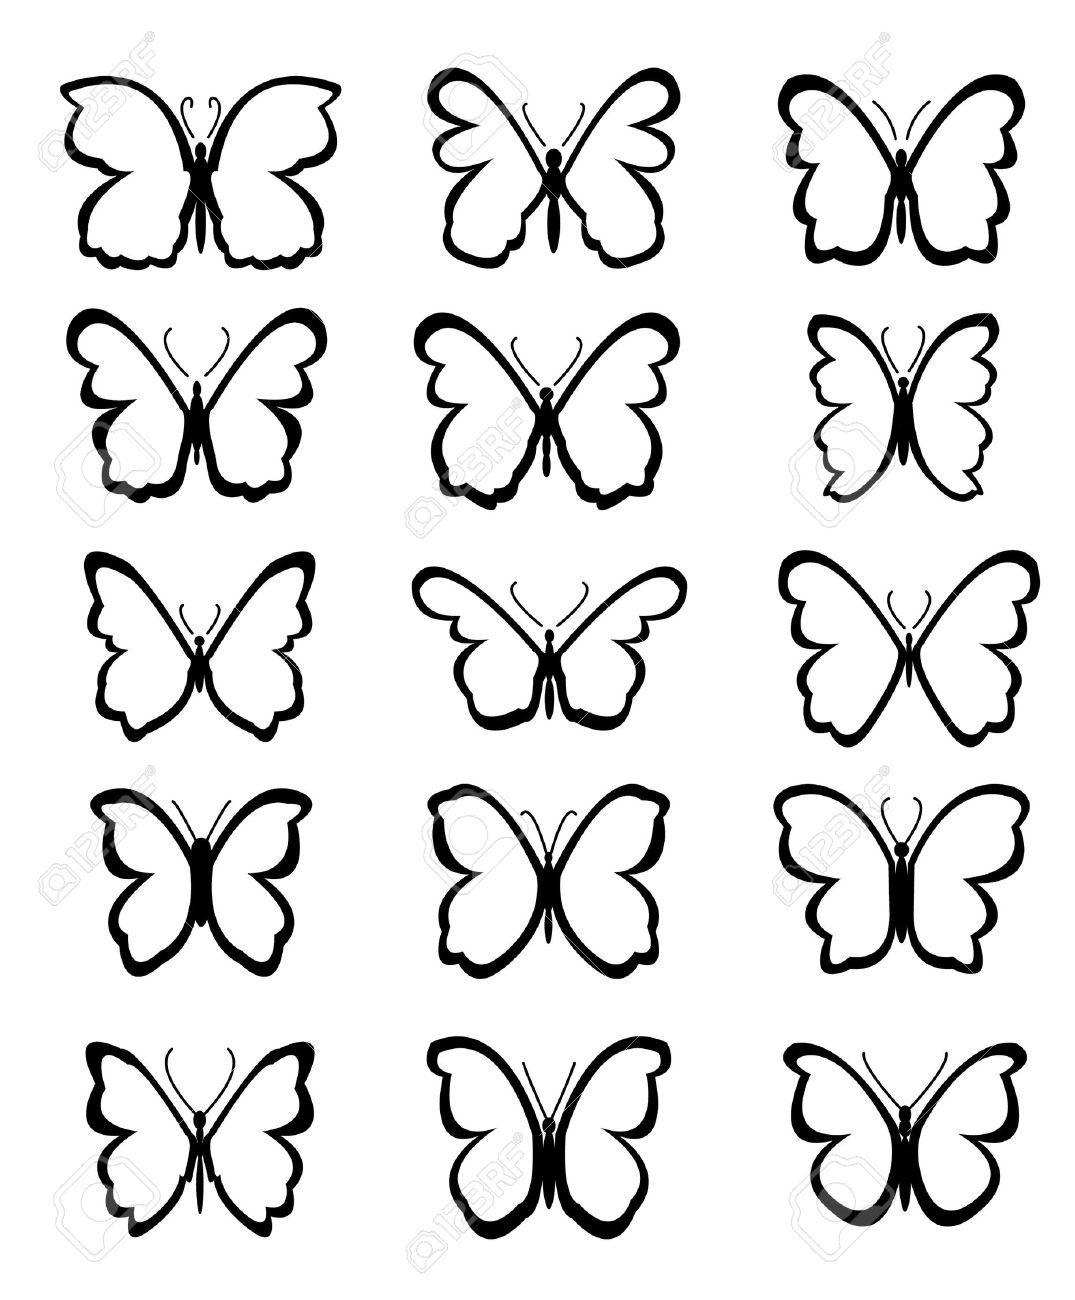 siluetas mariposas para colorear   Buscar con Google   fio